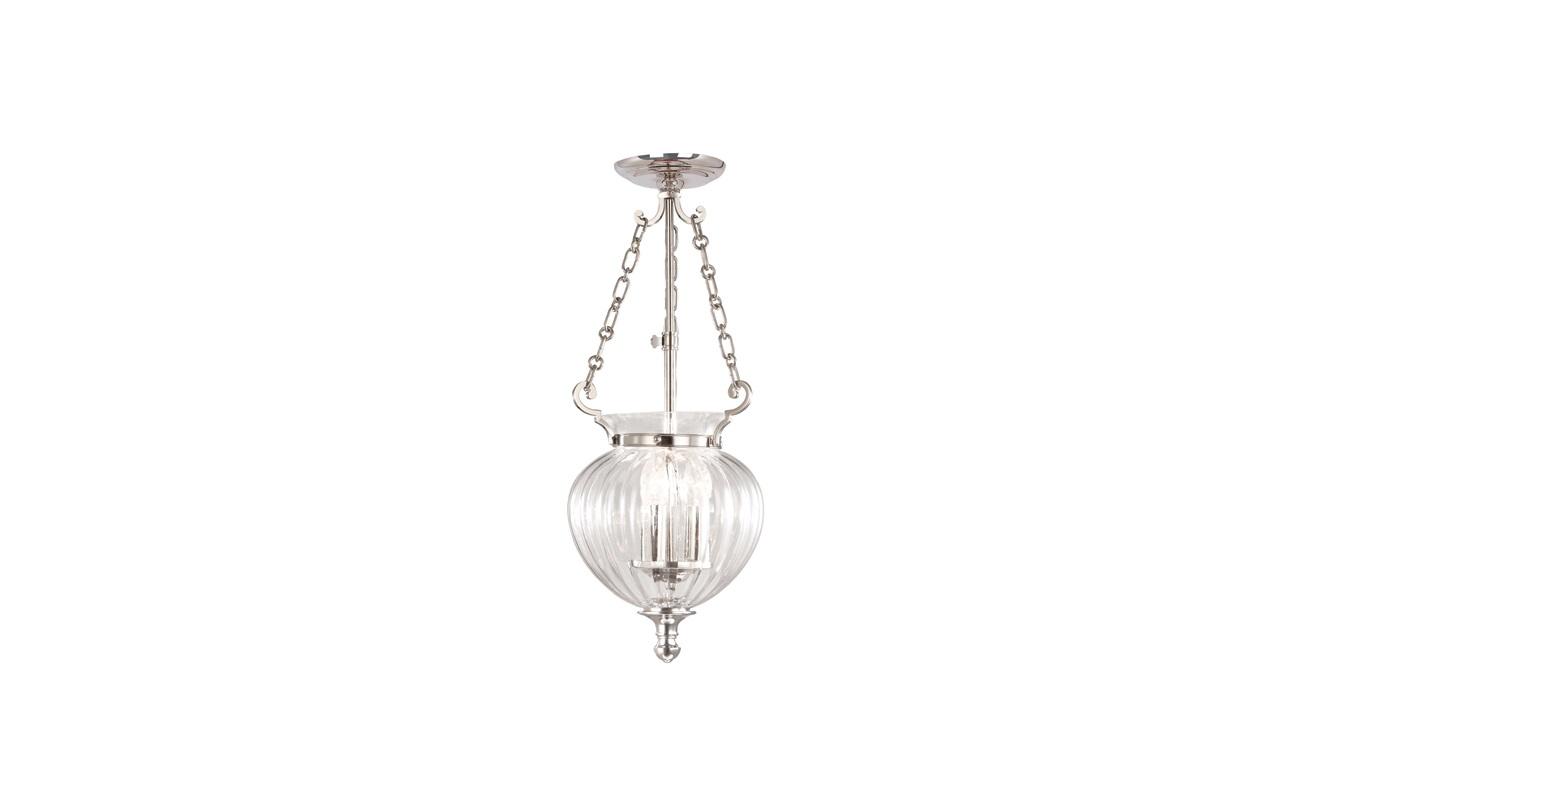 Подвесной светильник Elstead InteriorПодвесные светильники<br>&amp;lt;div&amp;gt;Цоколь: E14,&amp;amp;nbsp;&amp;lt;/div&amp;gt;&amp;lt;div&amp;gt;Мощность: 60,&amp;lt;/div&amp;gt;&amp;lt;div&amp;gt;Количество ламп: 3.&amp;amp;nbsp;&amp;lt;/div&amp;gt;&amp;lt;div&amp;gt;&amp;lt;br&amp;gt;&amp;lt;/div&amp;gt;&amp;lt;div&amp;gt;Цвет: полированный никель.&amp;lt;/div&amp;gt;<br><br>Material: Металл<br>Ширина см: 62.0<br>Высота см: 42.0<br>Глубина см: 22.0